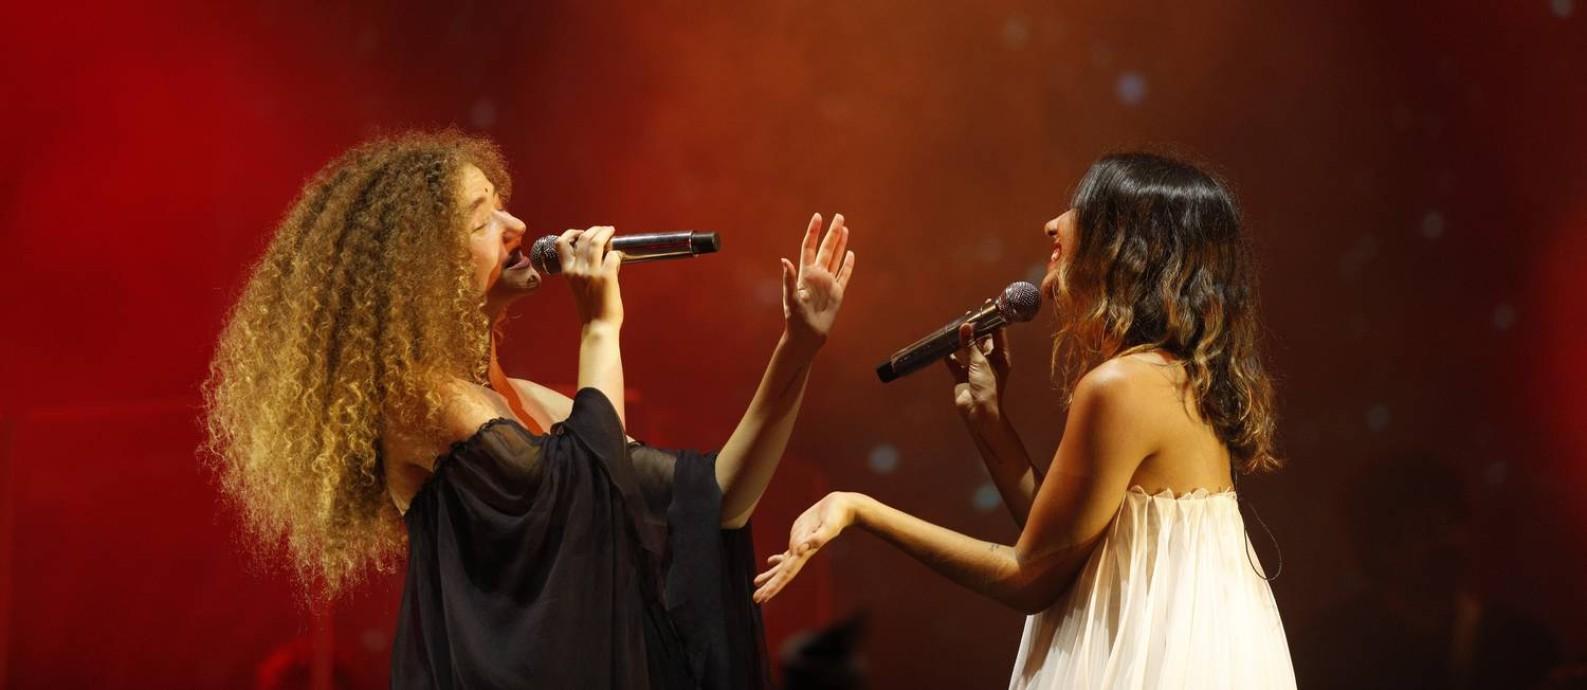 O duo Anavitória durante apresentação no Palco Sunset do Rock in Rio 2019 Foto: Brenno Carvalho / Brenno Carvalho